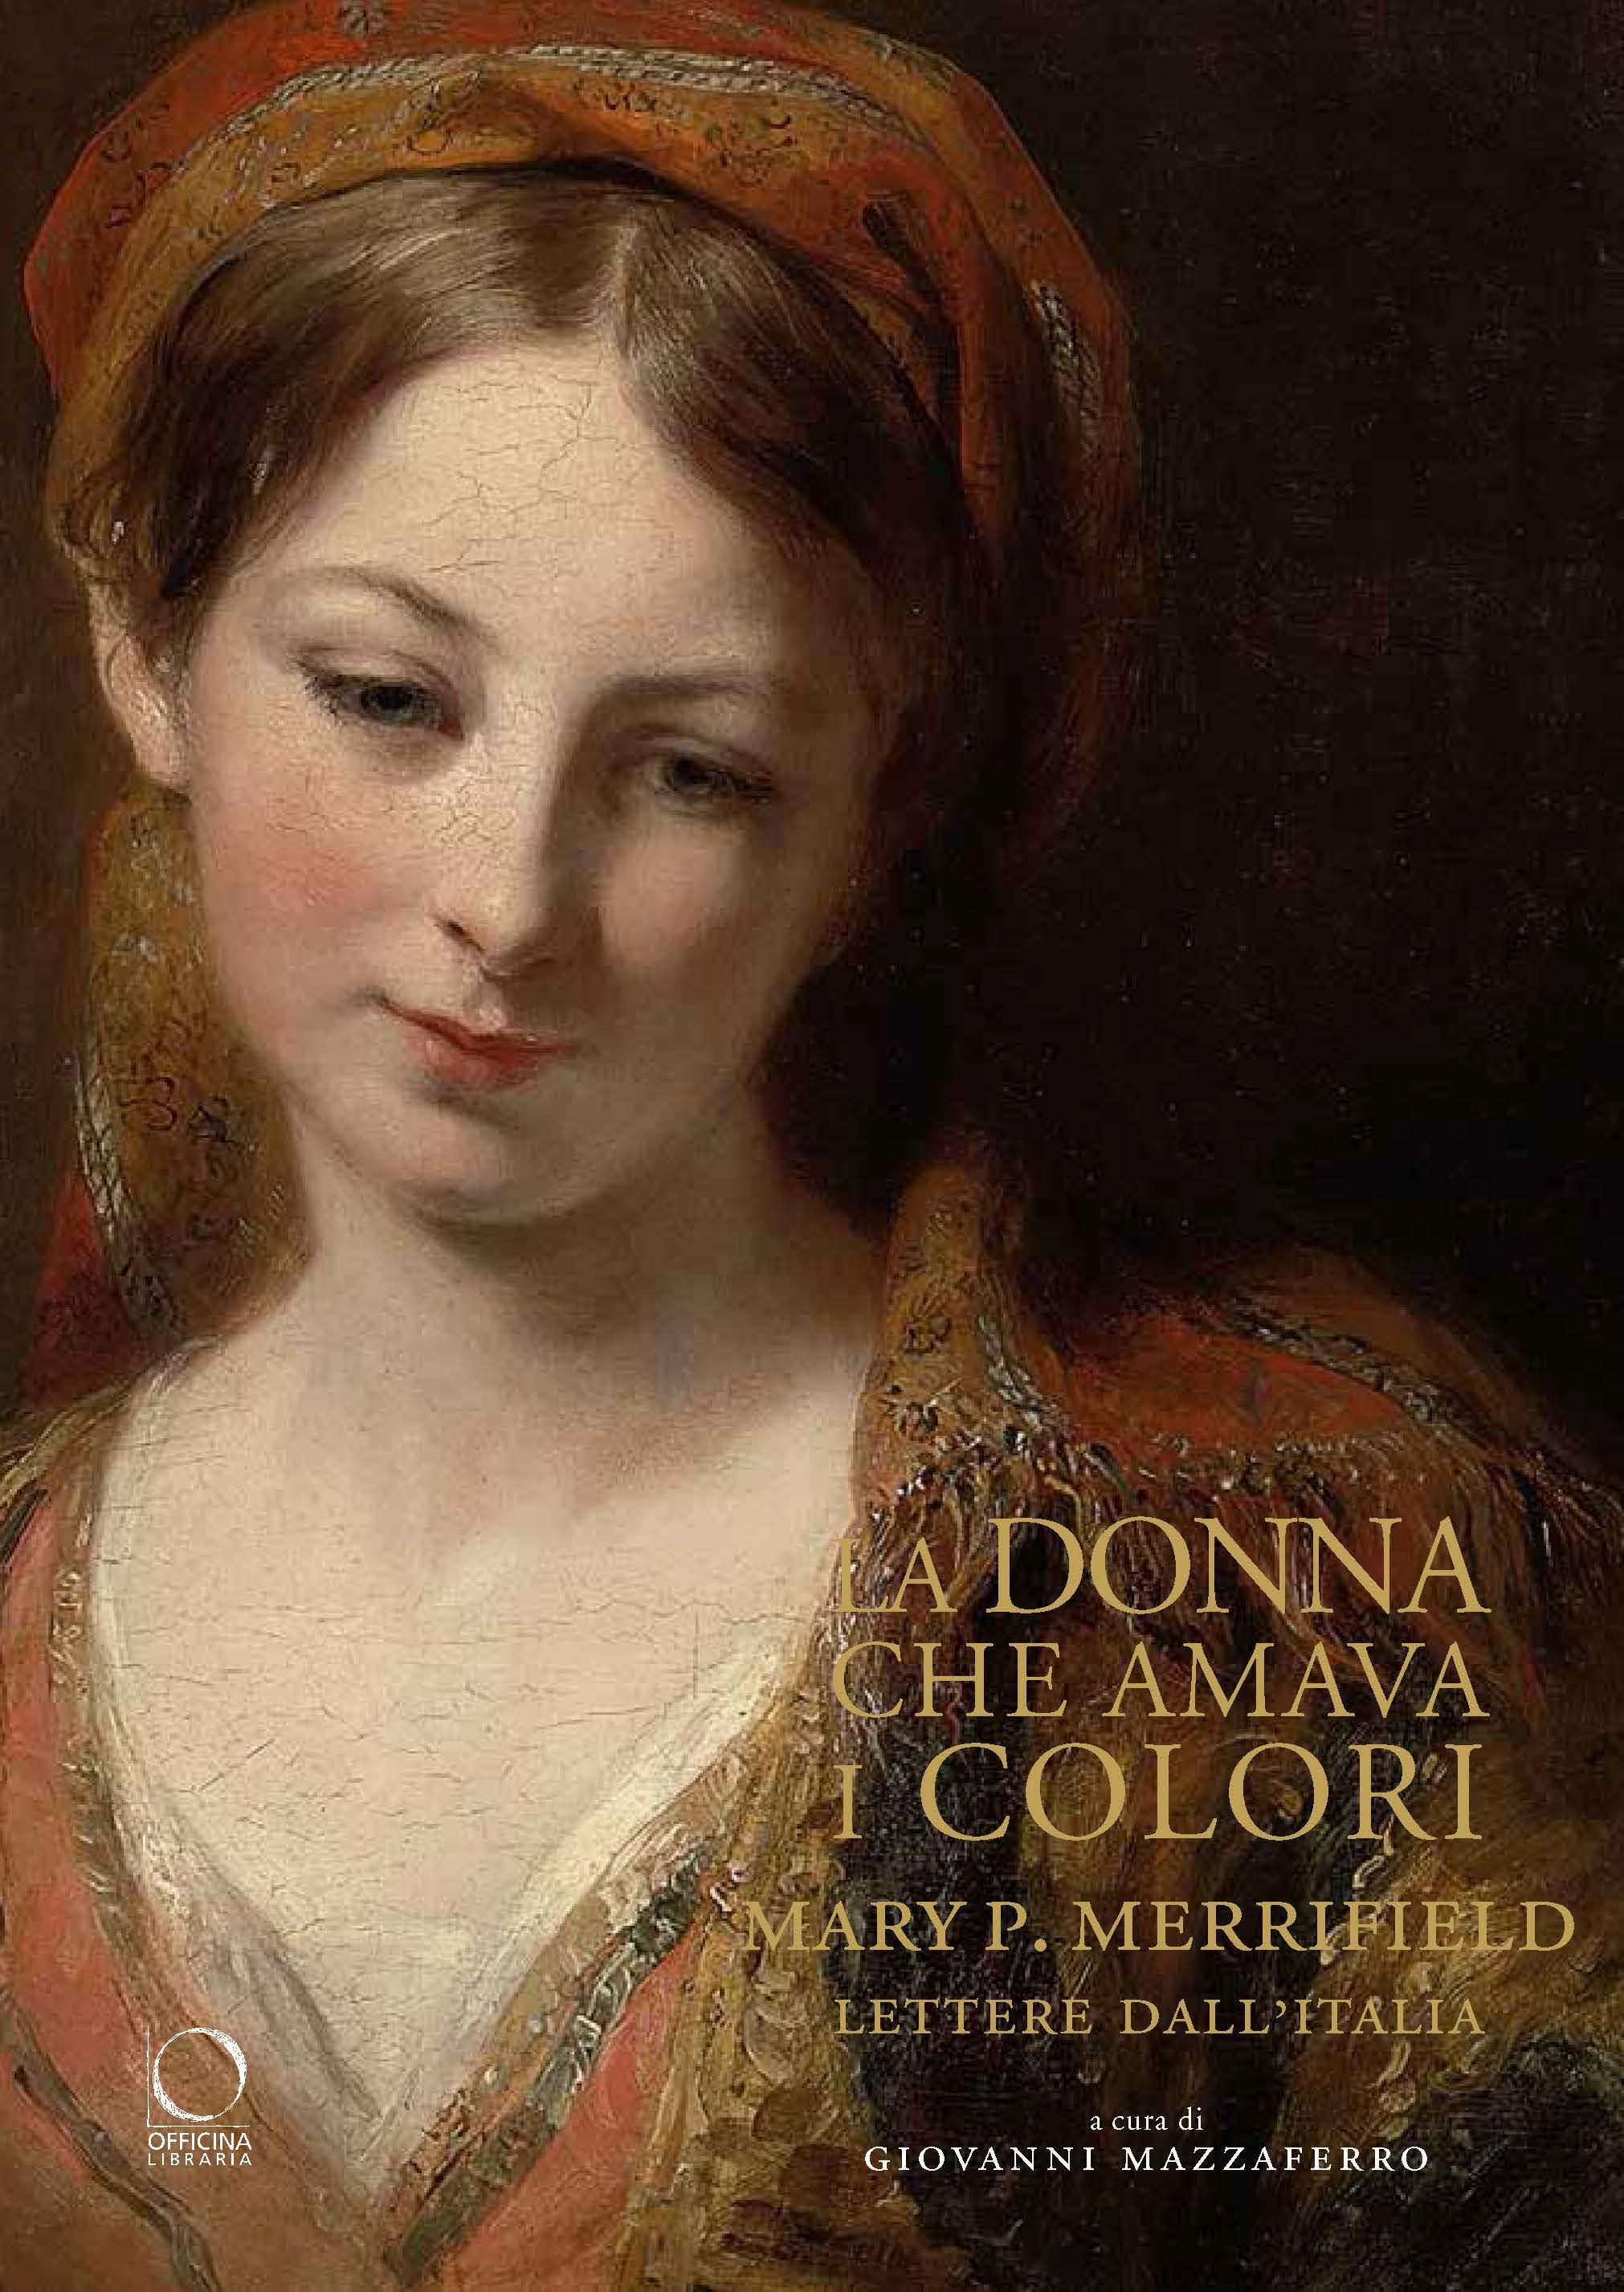 La donna che amava i colori – Mary P. Merrifield: lettere dall'Italia: alla ricerca del segreto della vera pittura degli antichi maestri